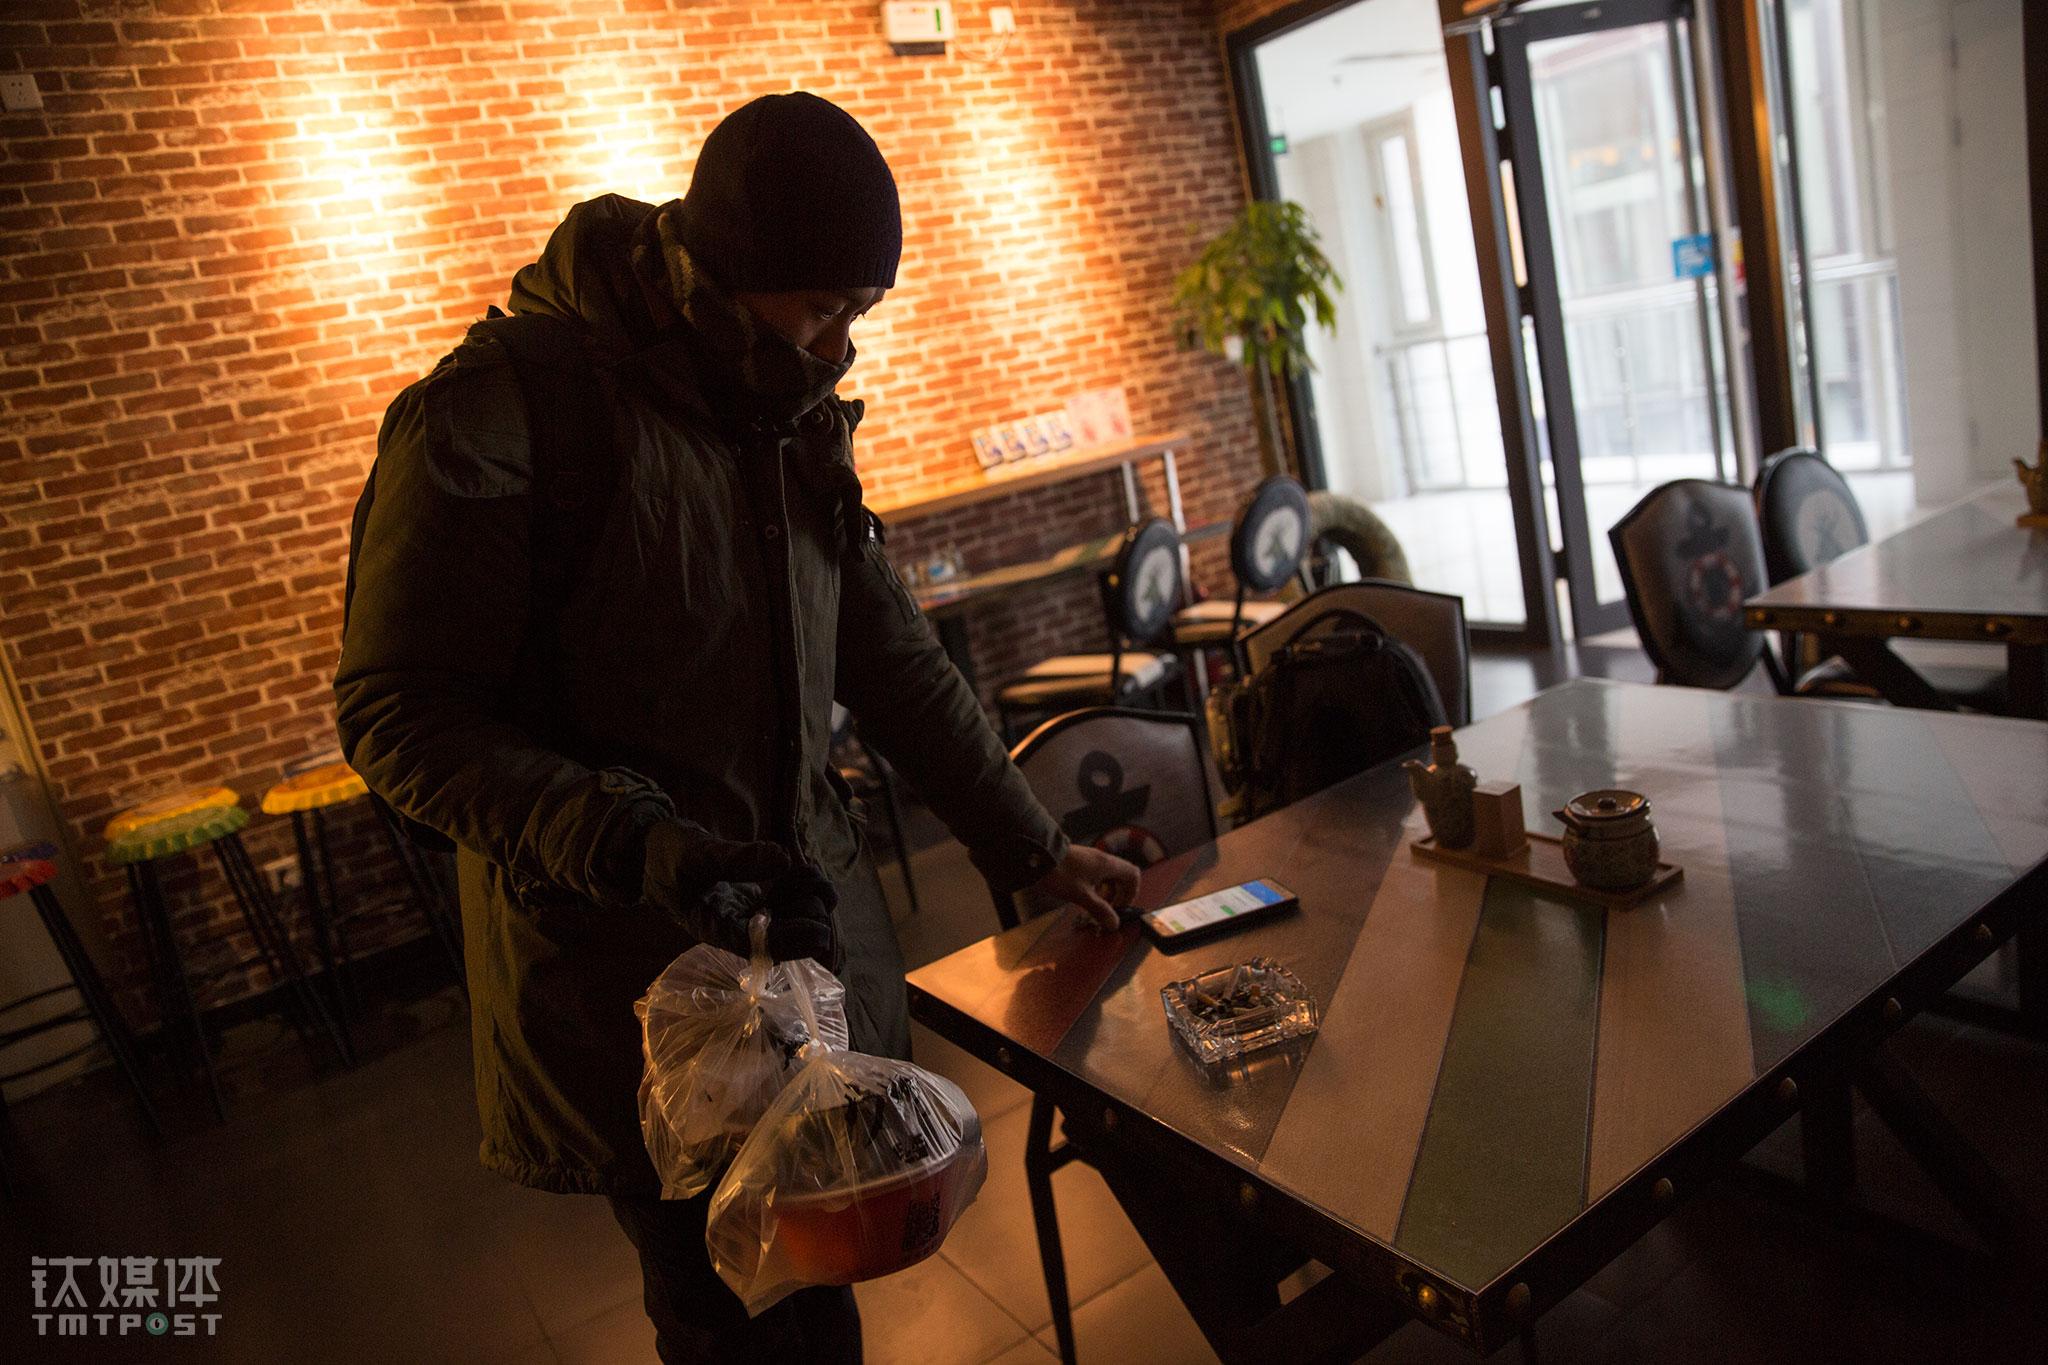 以常营店为例,这里有5个员工分别负责下面、打包、售后、准备小食、酱料、配送食材等工作。厨师每天早上7点到店开始做一天的准备,并为前一天在外卖平台预约了早餐的顾客下面,每天早上不到10点就有外卖骑士前来取货。